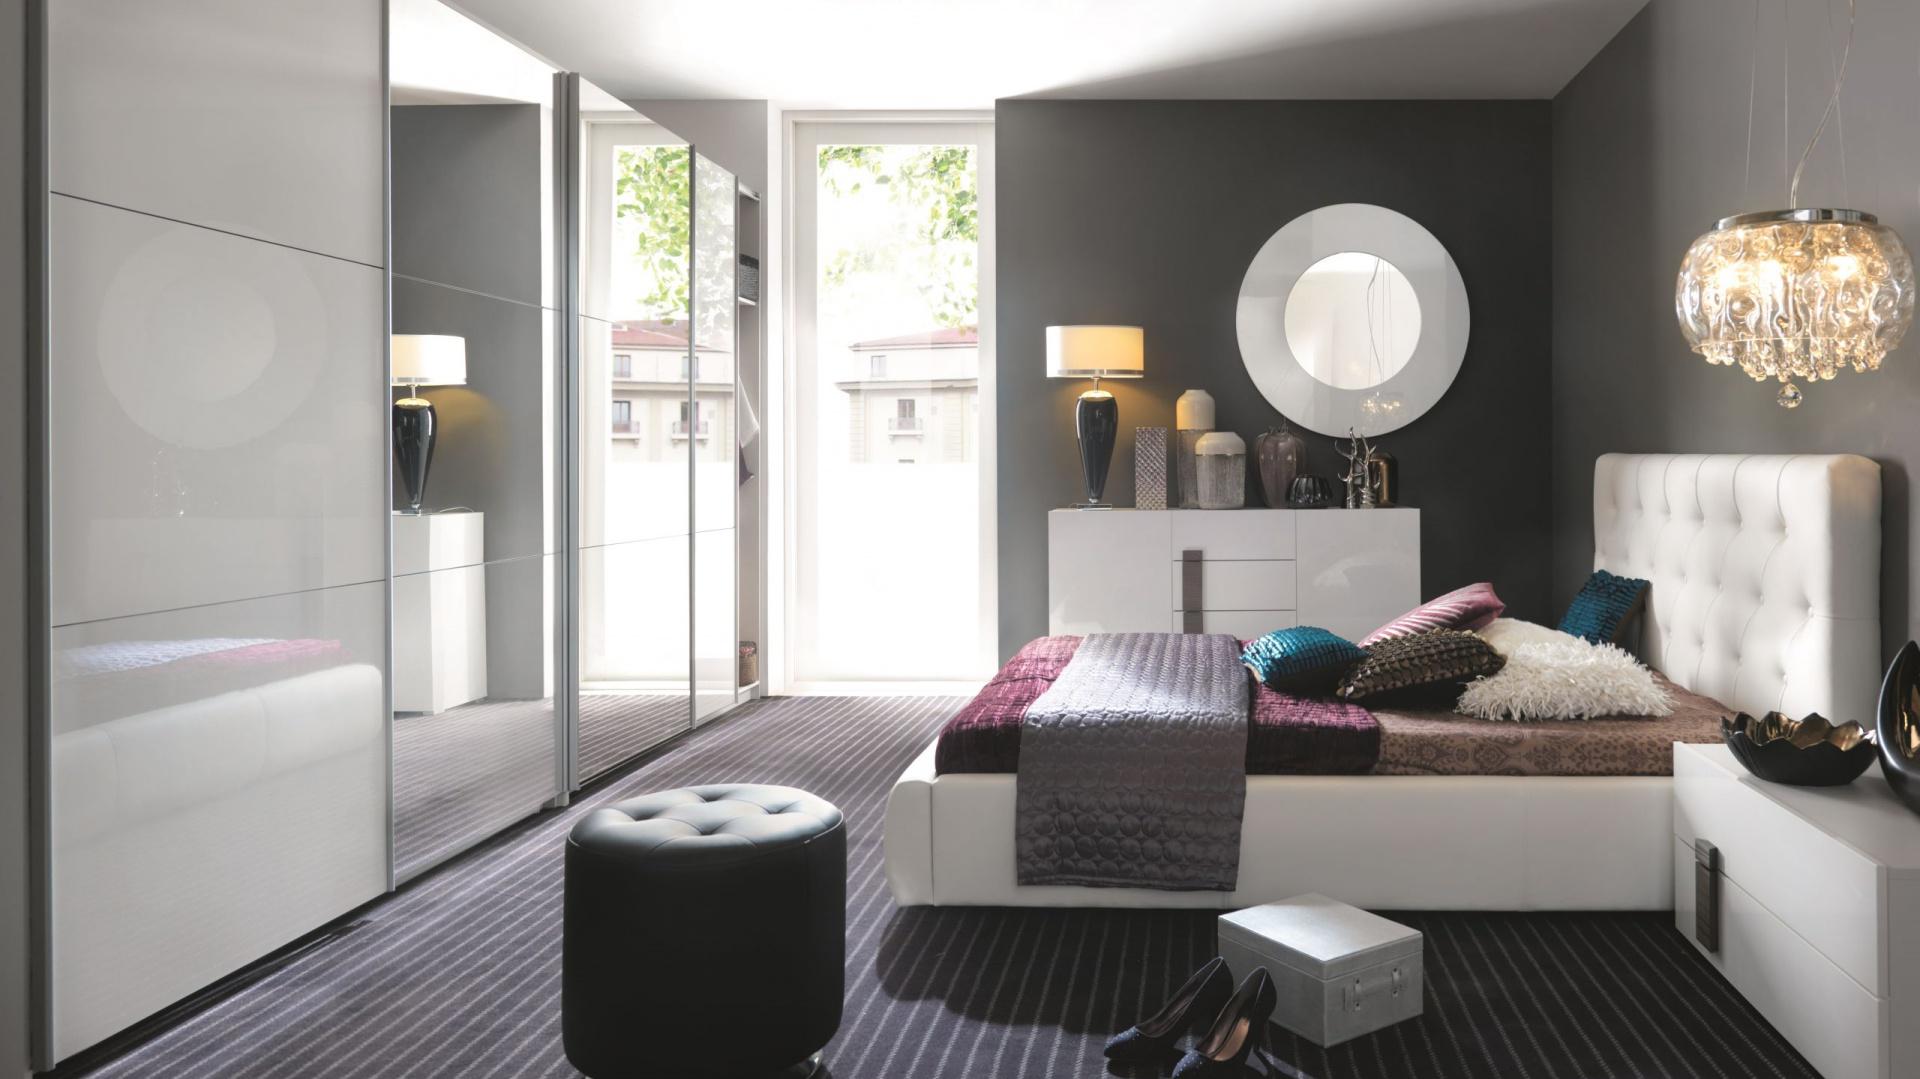 Sypialnia Z Garderobą 12 Nowoczesnych Rozwiązań